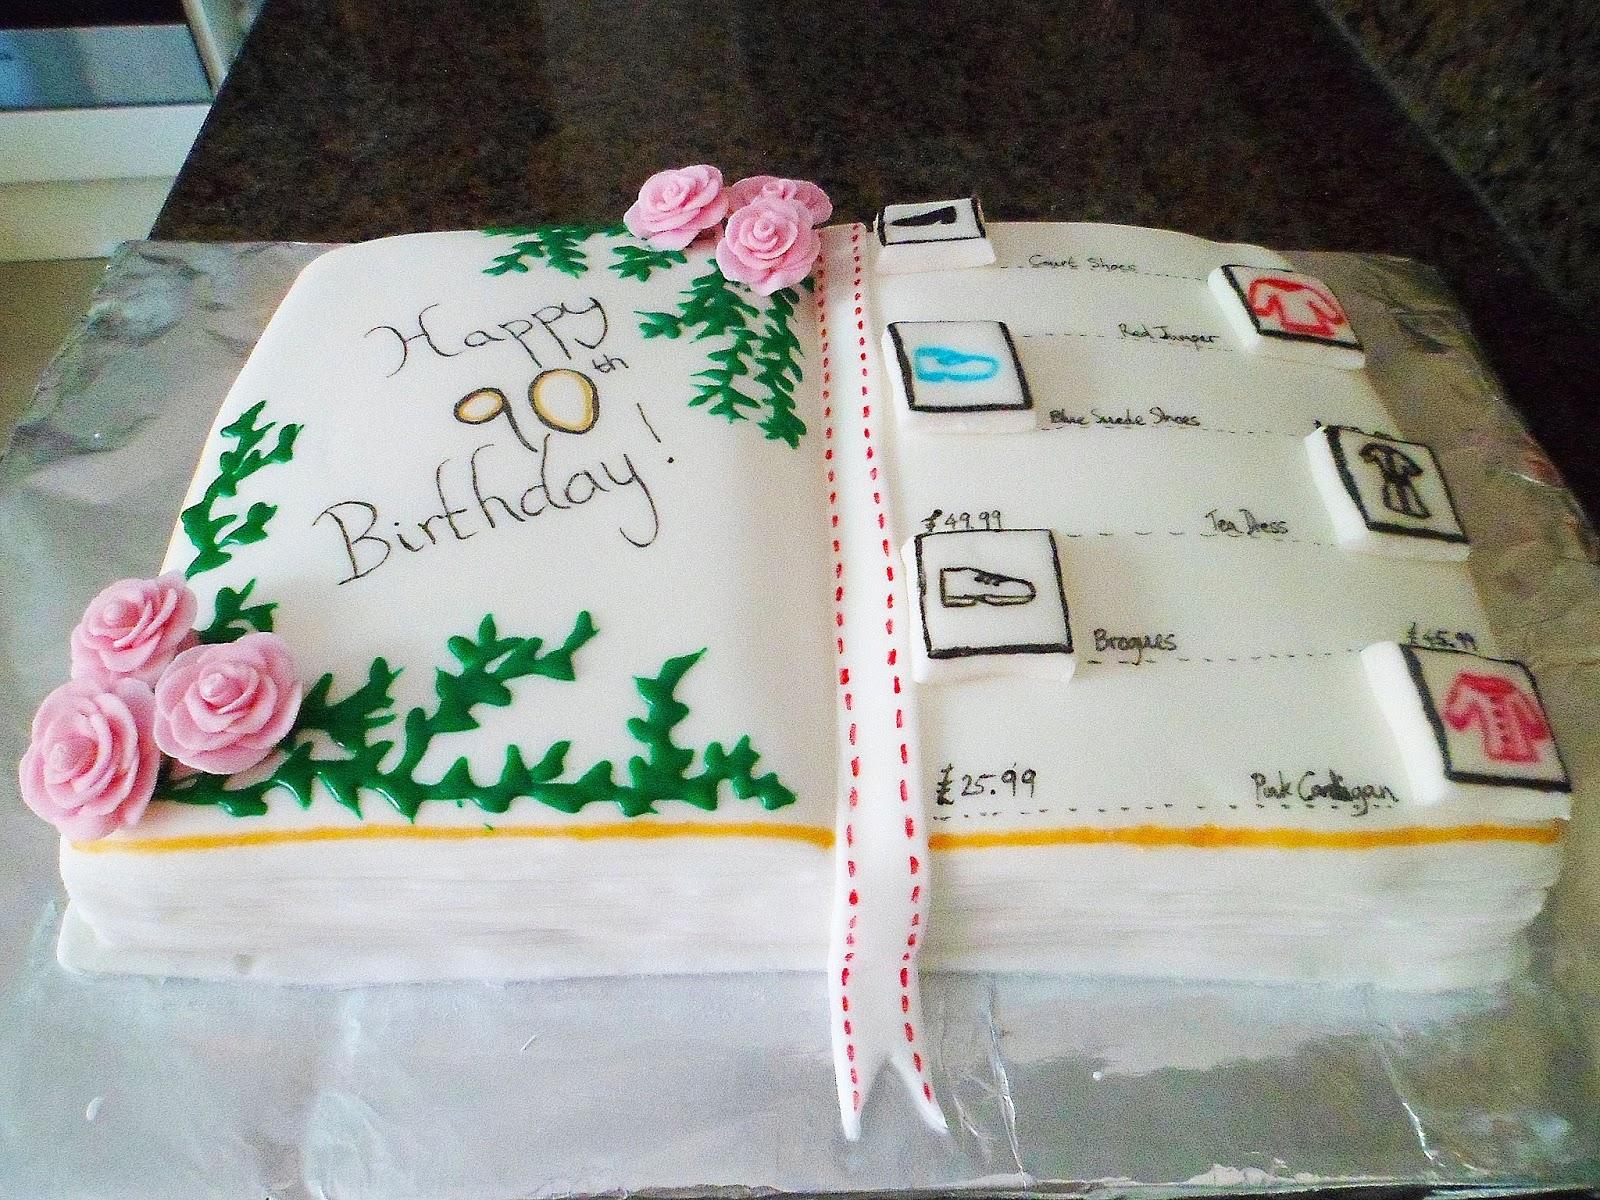 Catalogue Cake Grandmas 90th Birthday